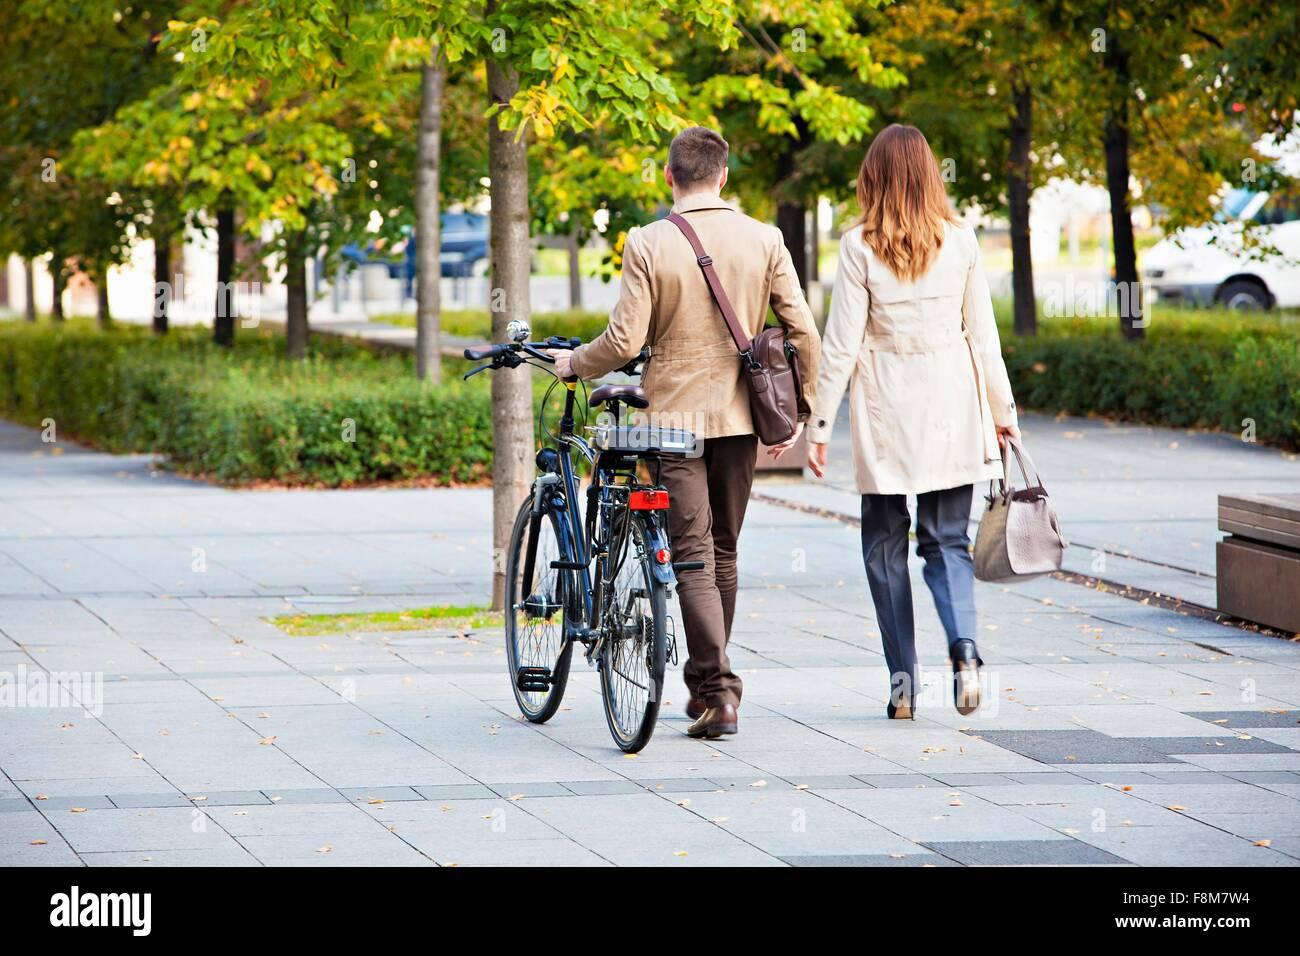 Businessman et woman pushing bike Banque D'Images